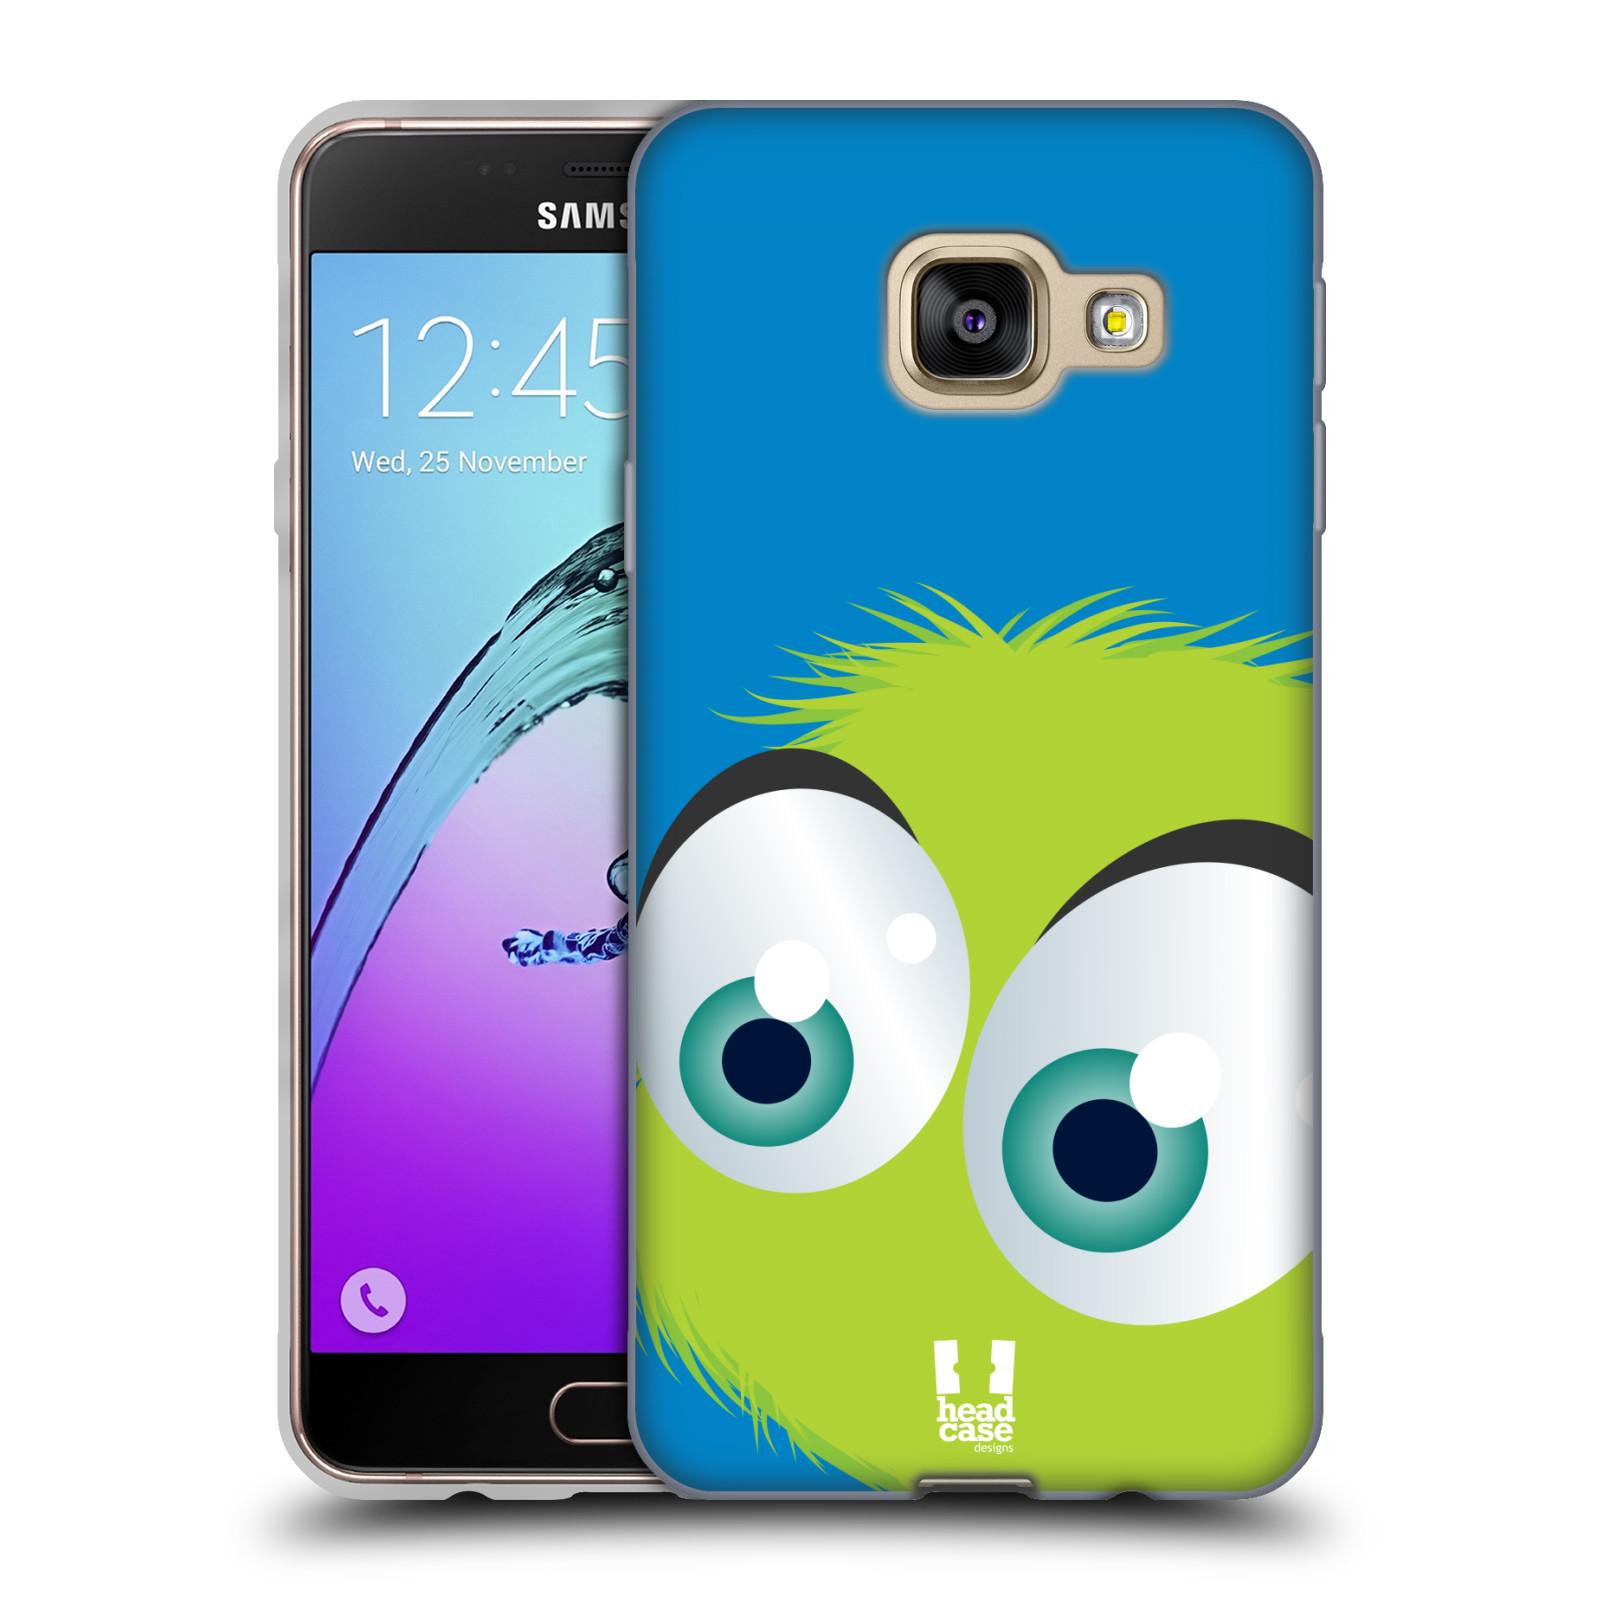 Silikonové pouzdro na mobil Samsung Galaxy A3 (2016) HEAD CASE FUZÍK ZELENÝ (Silikonový kryt či obal na mobilní telefon Samsung Galaxy A3 (2016) SM-A310F)